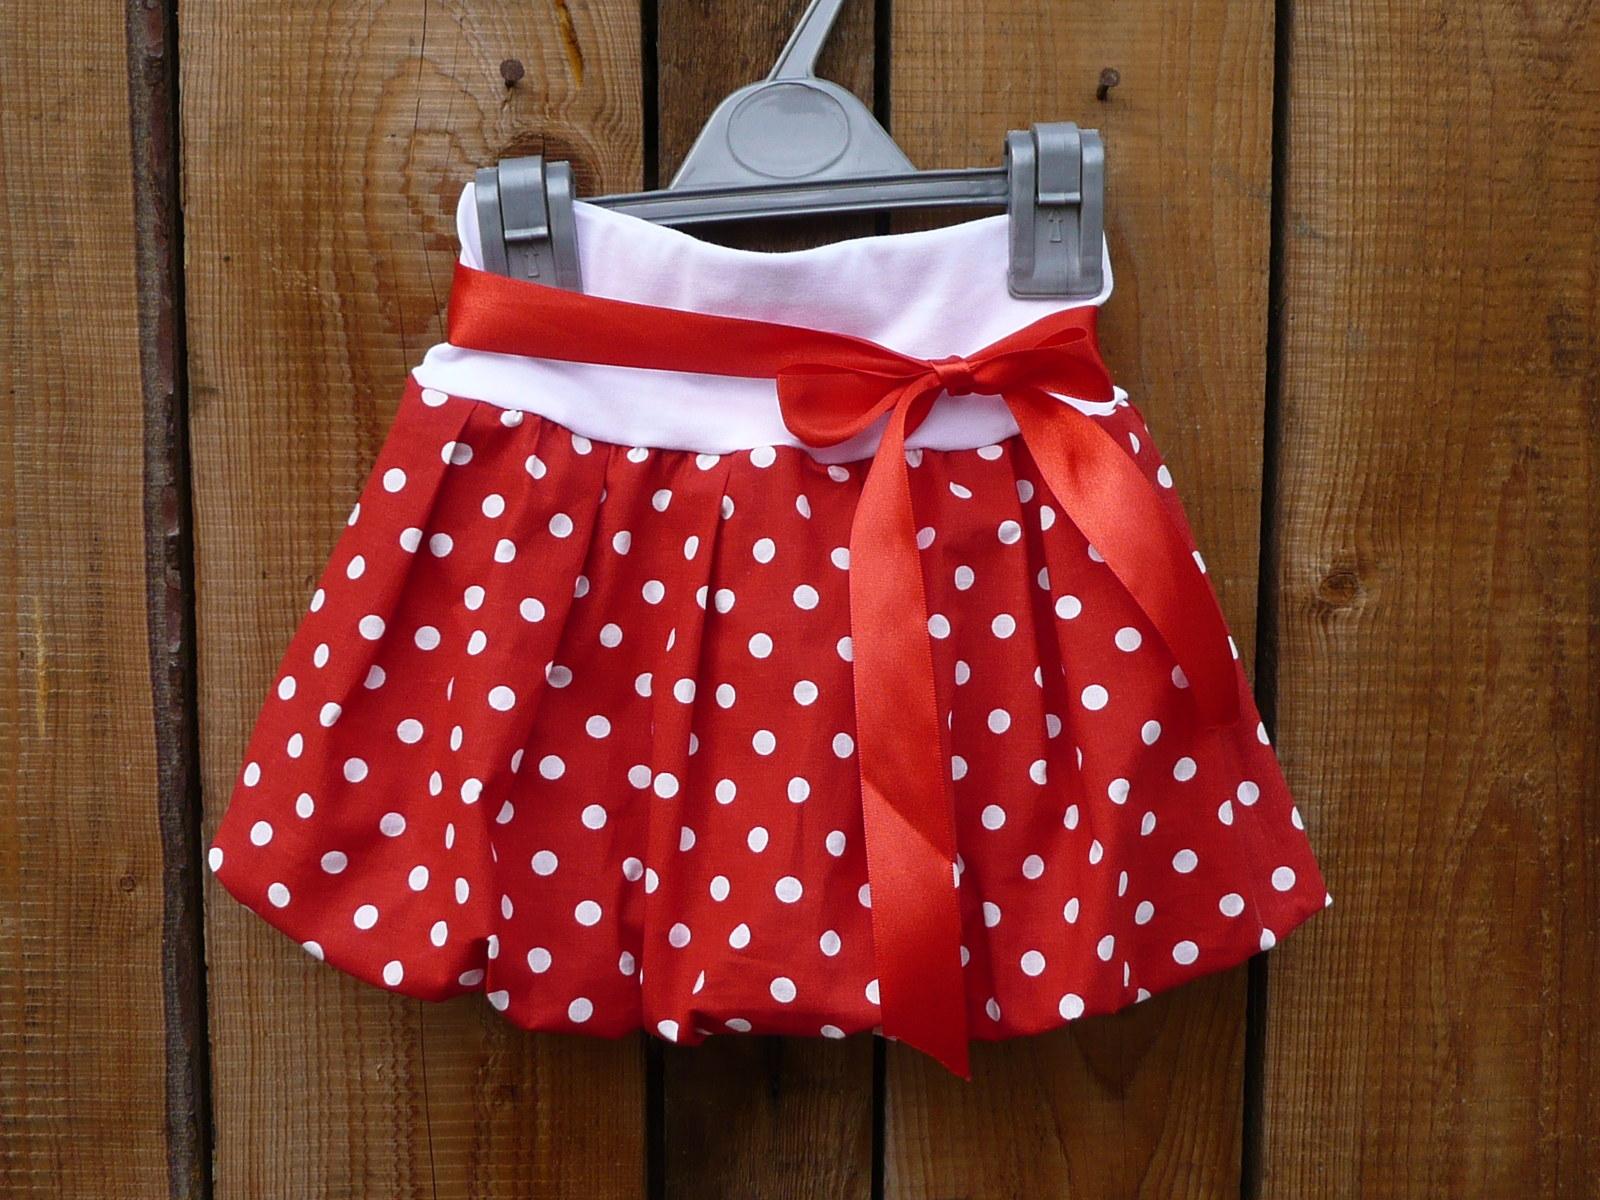 595f3c05cbf1 Dívčí balónová sukně - puntík červený střední (vel. 86 - 116)   Zboží  prodejce kimi.kucerova